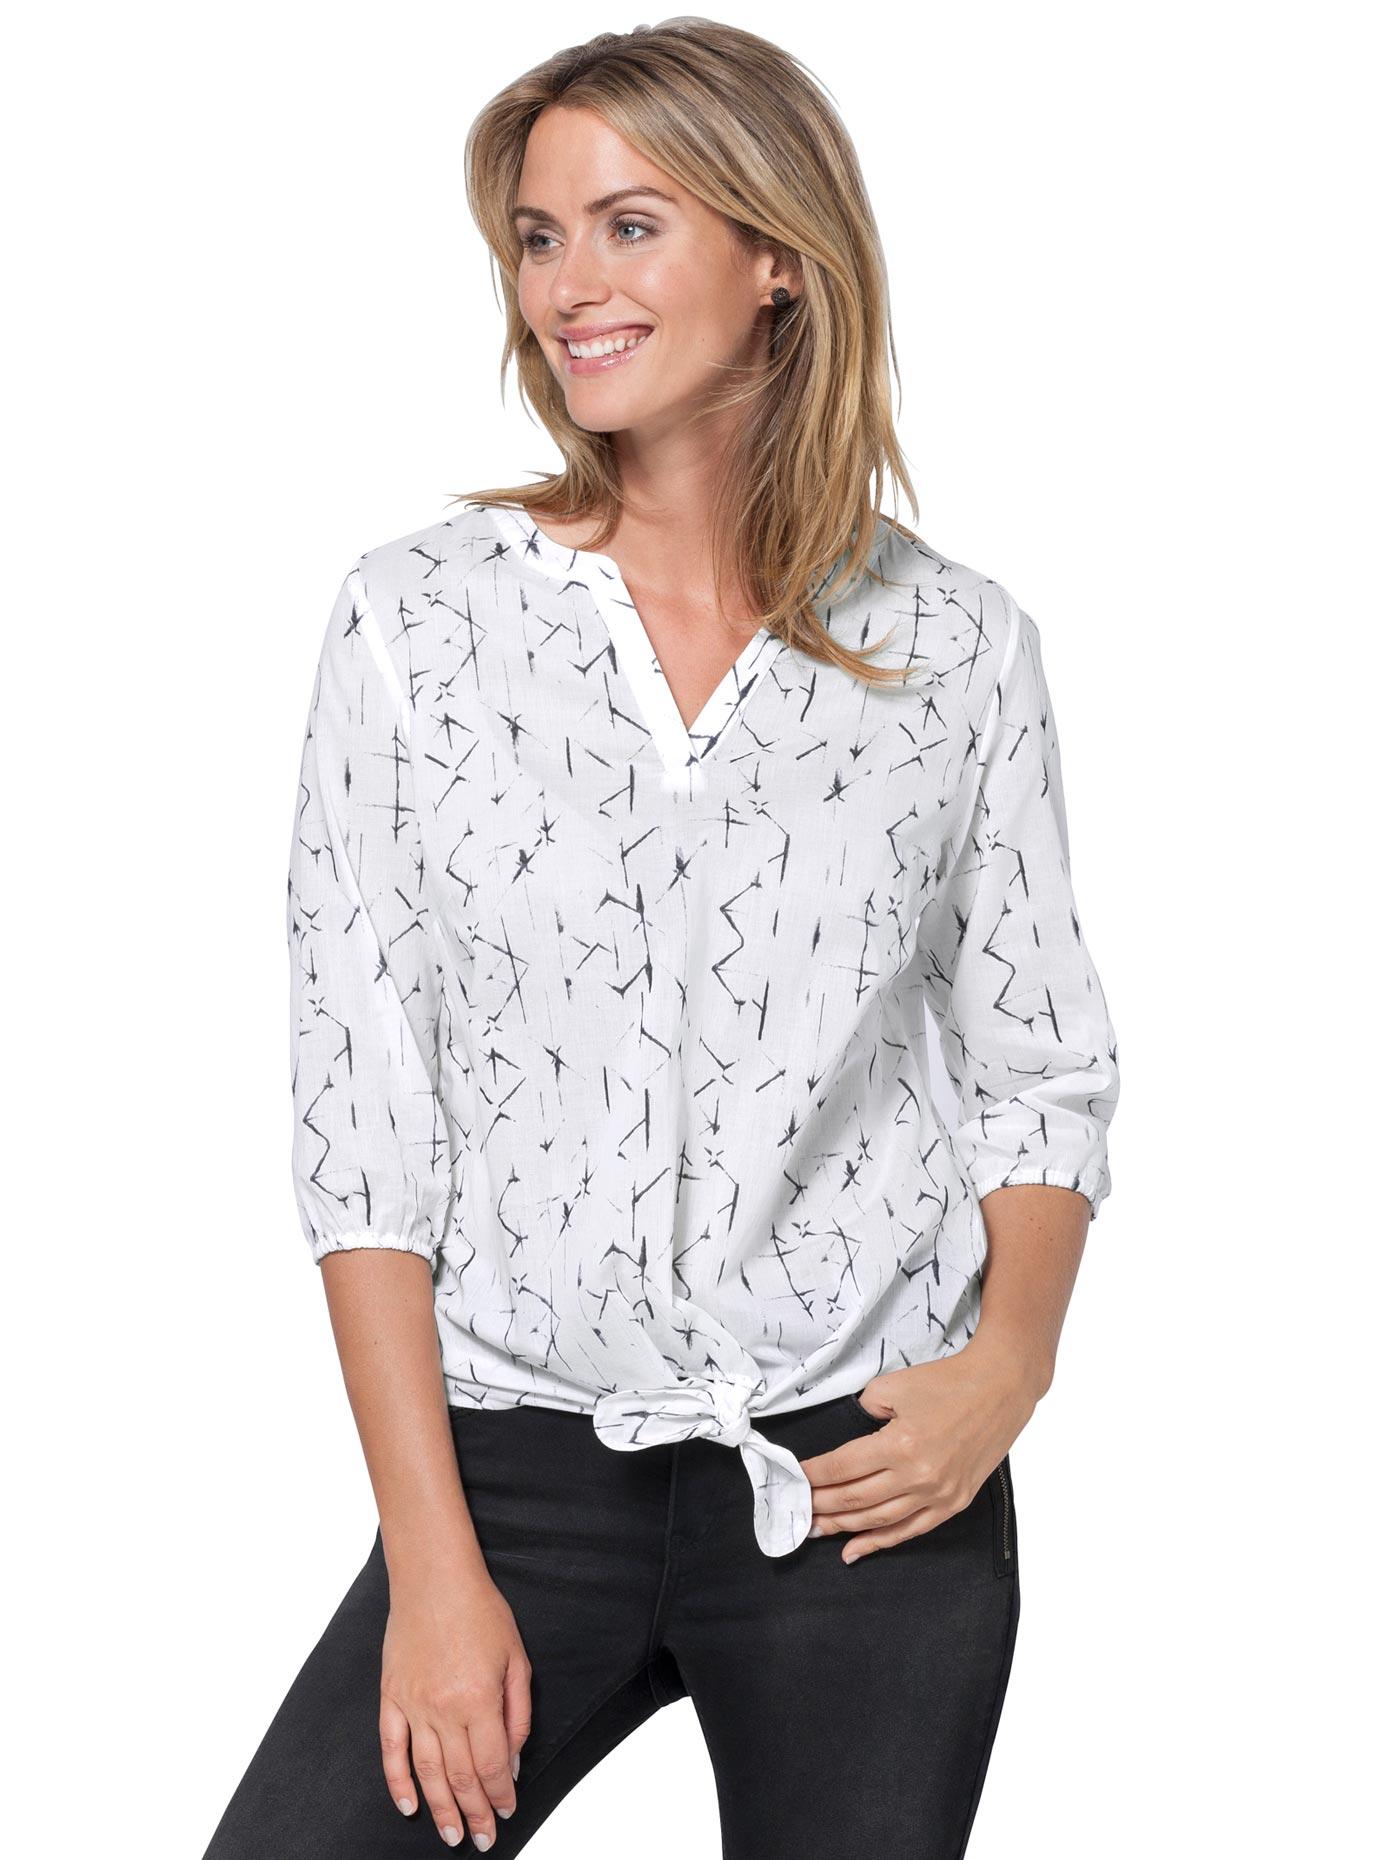 Ambria Bluse aus reiner Baumwolle